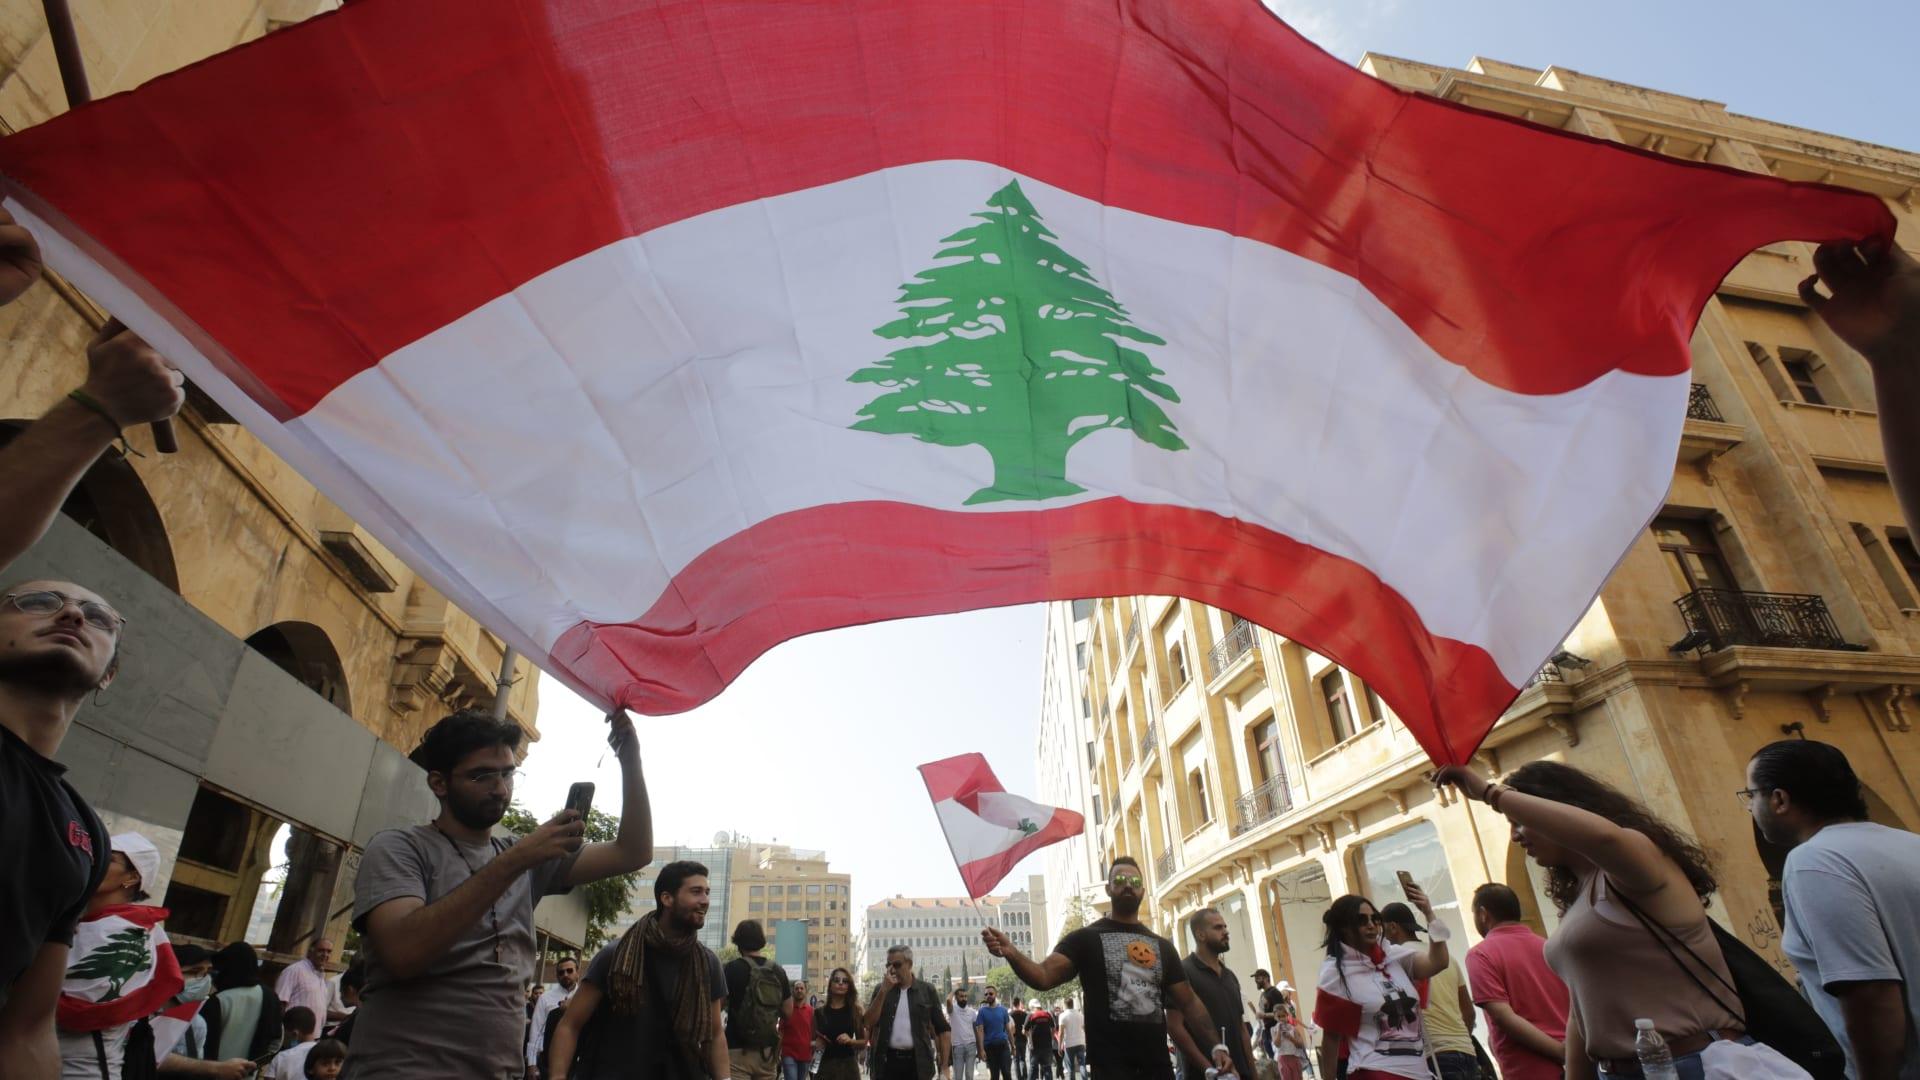 متظاهرون يلوحون بالعلم الوطني في وسط بيروت مع استمرار المئات في التجمع في 19 أكتوبر 2019 لليوم الثالث من الاحتجاجات ضد زيادة الضرائب والفساد الرسمي المزعوم بعد أن قامت قوات الأمن باعتقالات العشرات.